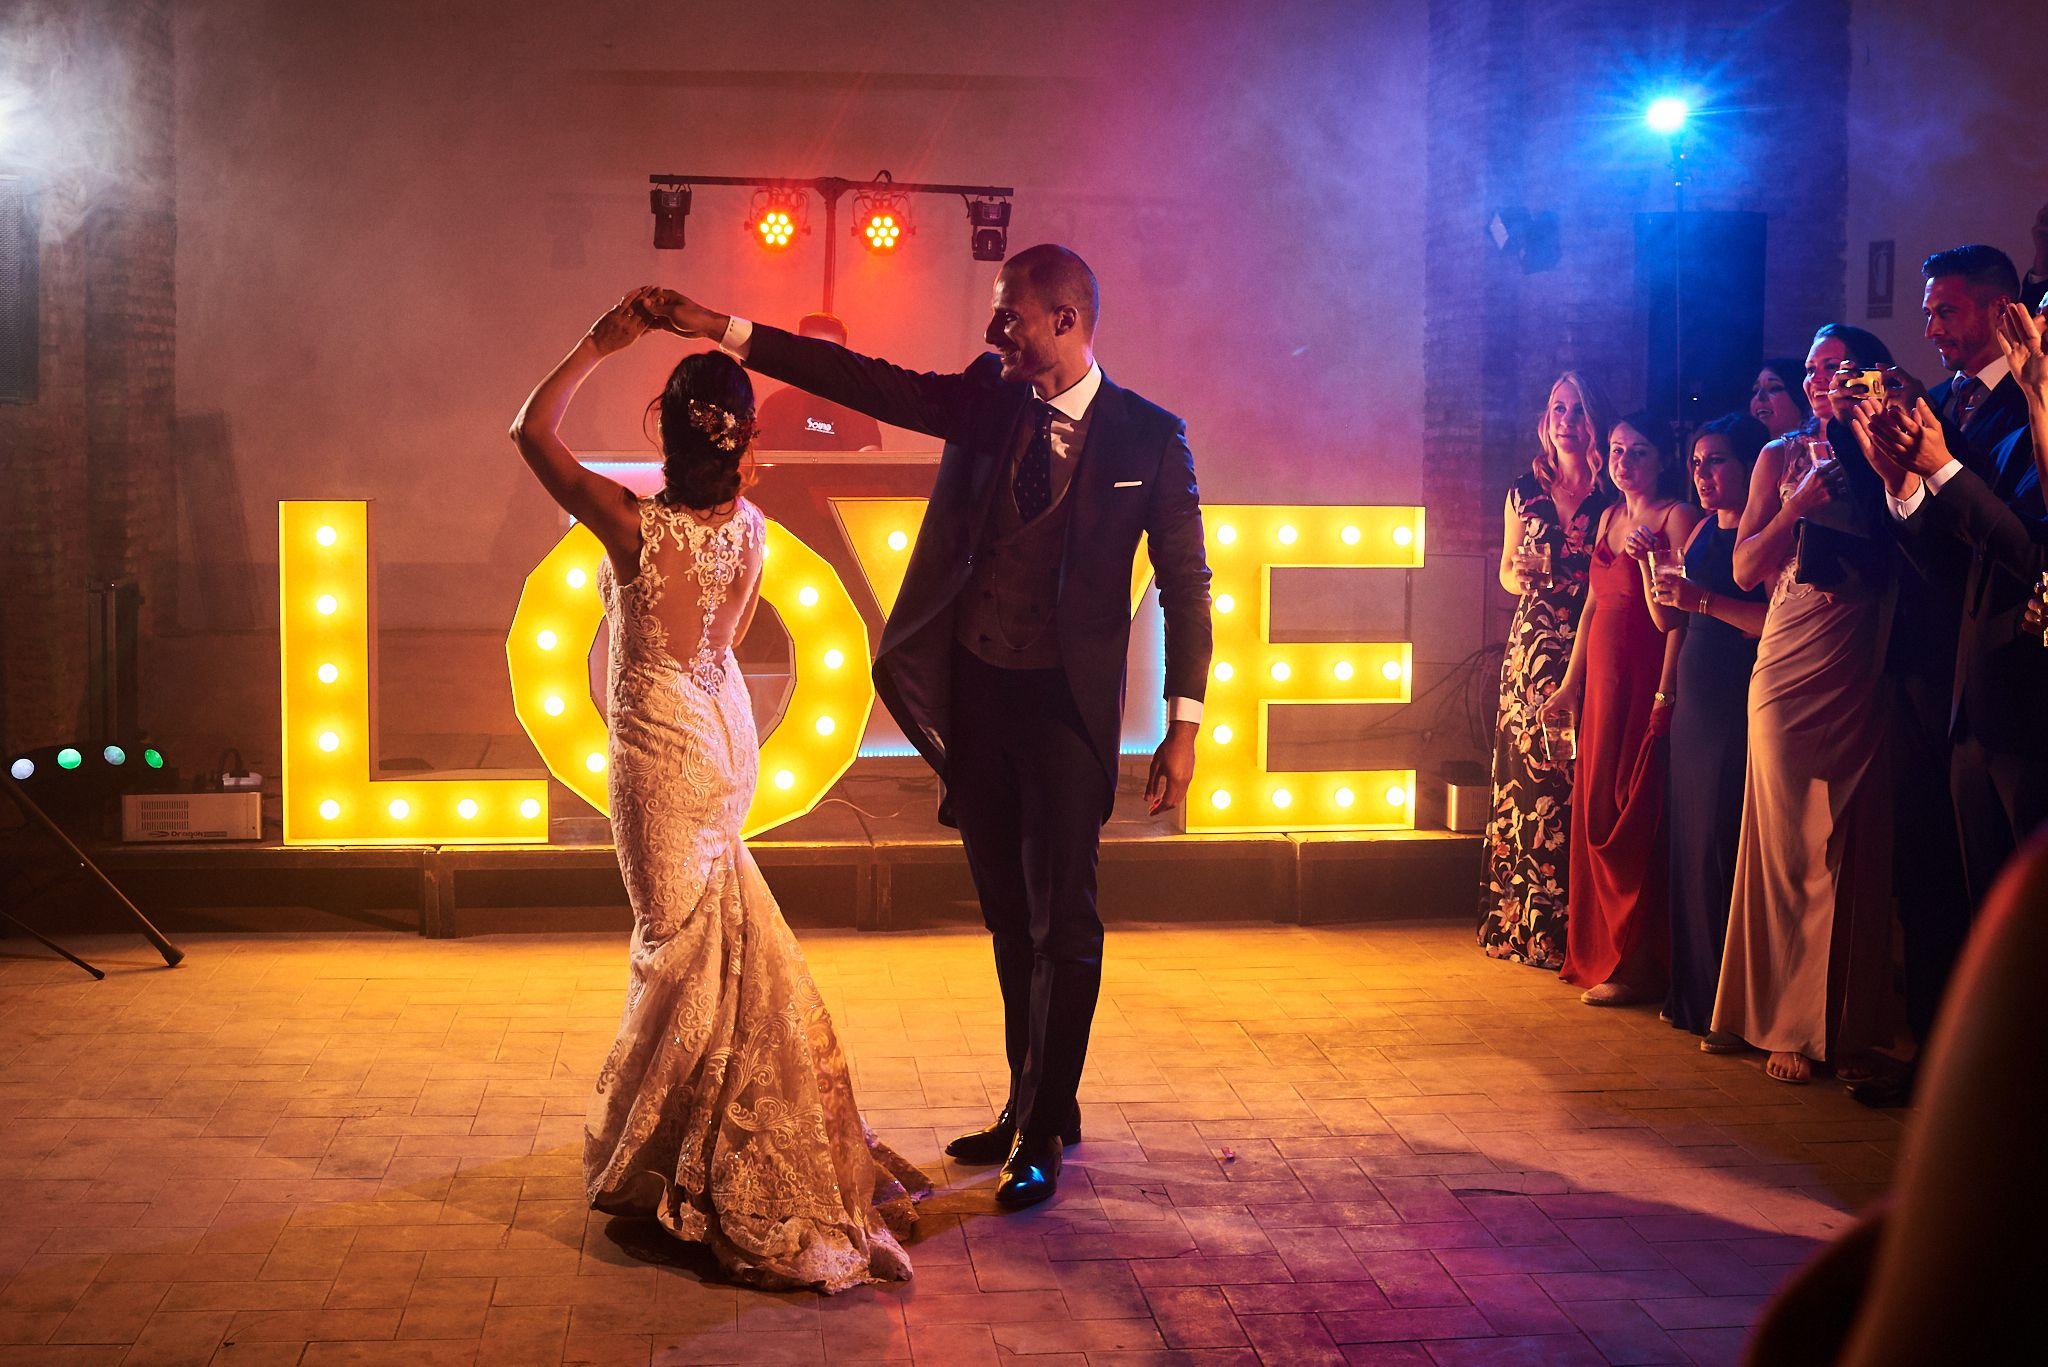 La-22Destination-Wedding22-en-Moguer-de-Lauren-y-JosC3A9-Antonio-JoseAntonio-alejandromarmol3322.jpg